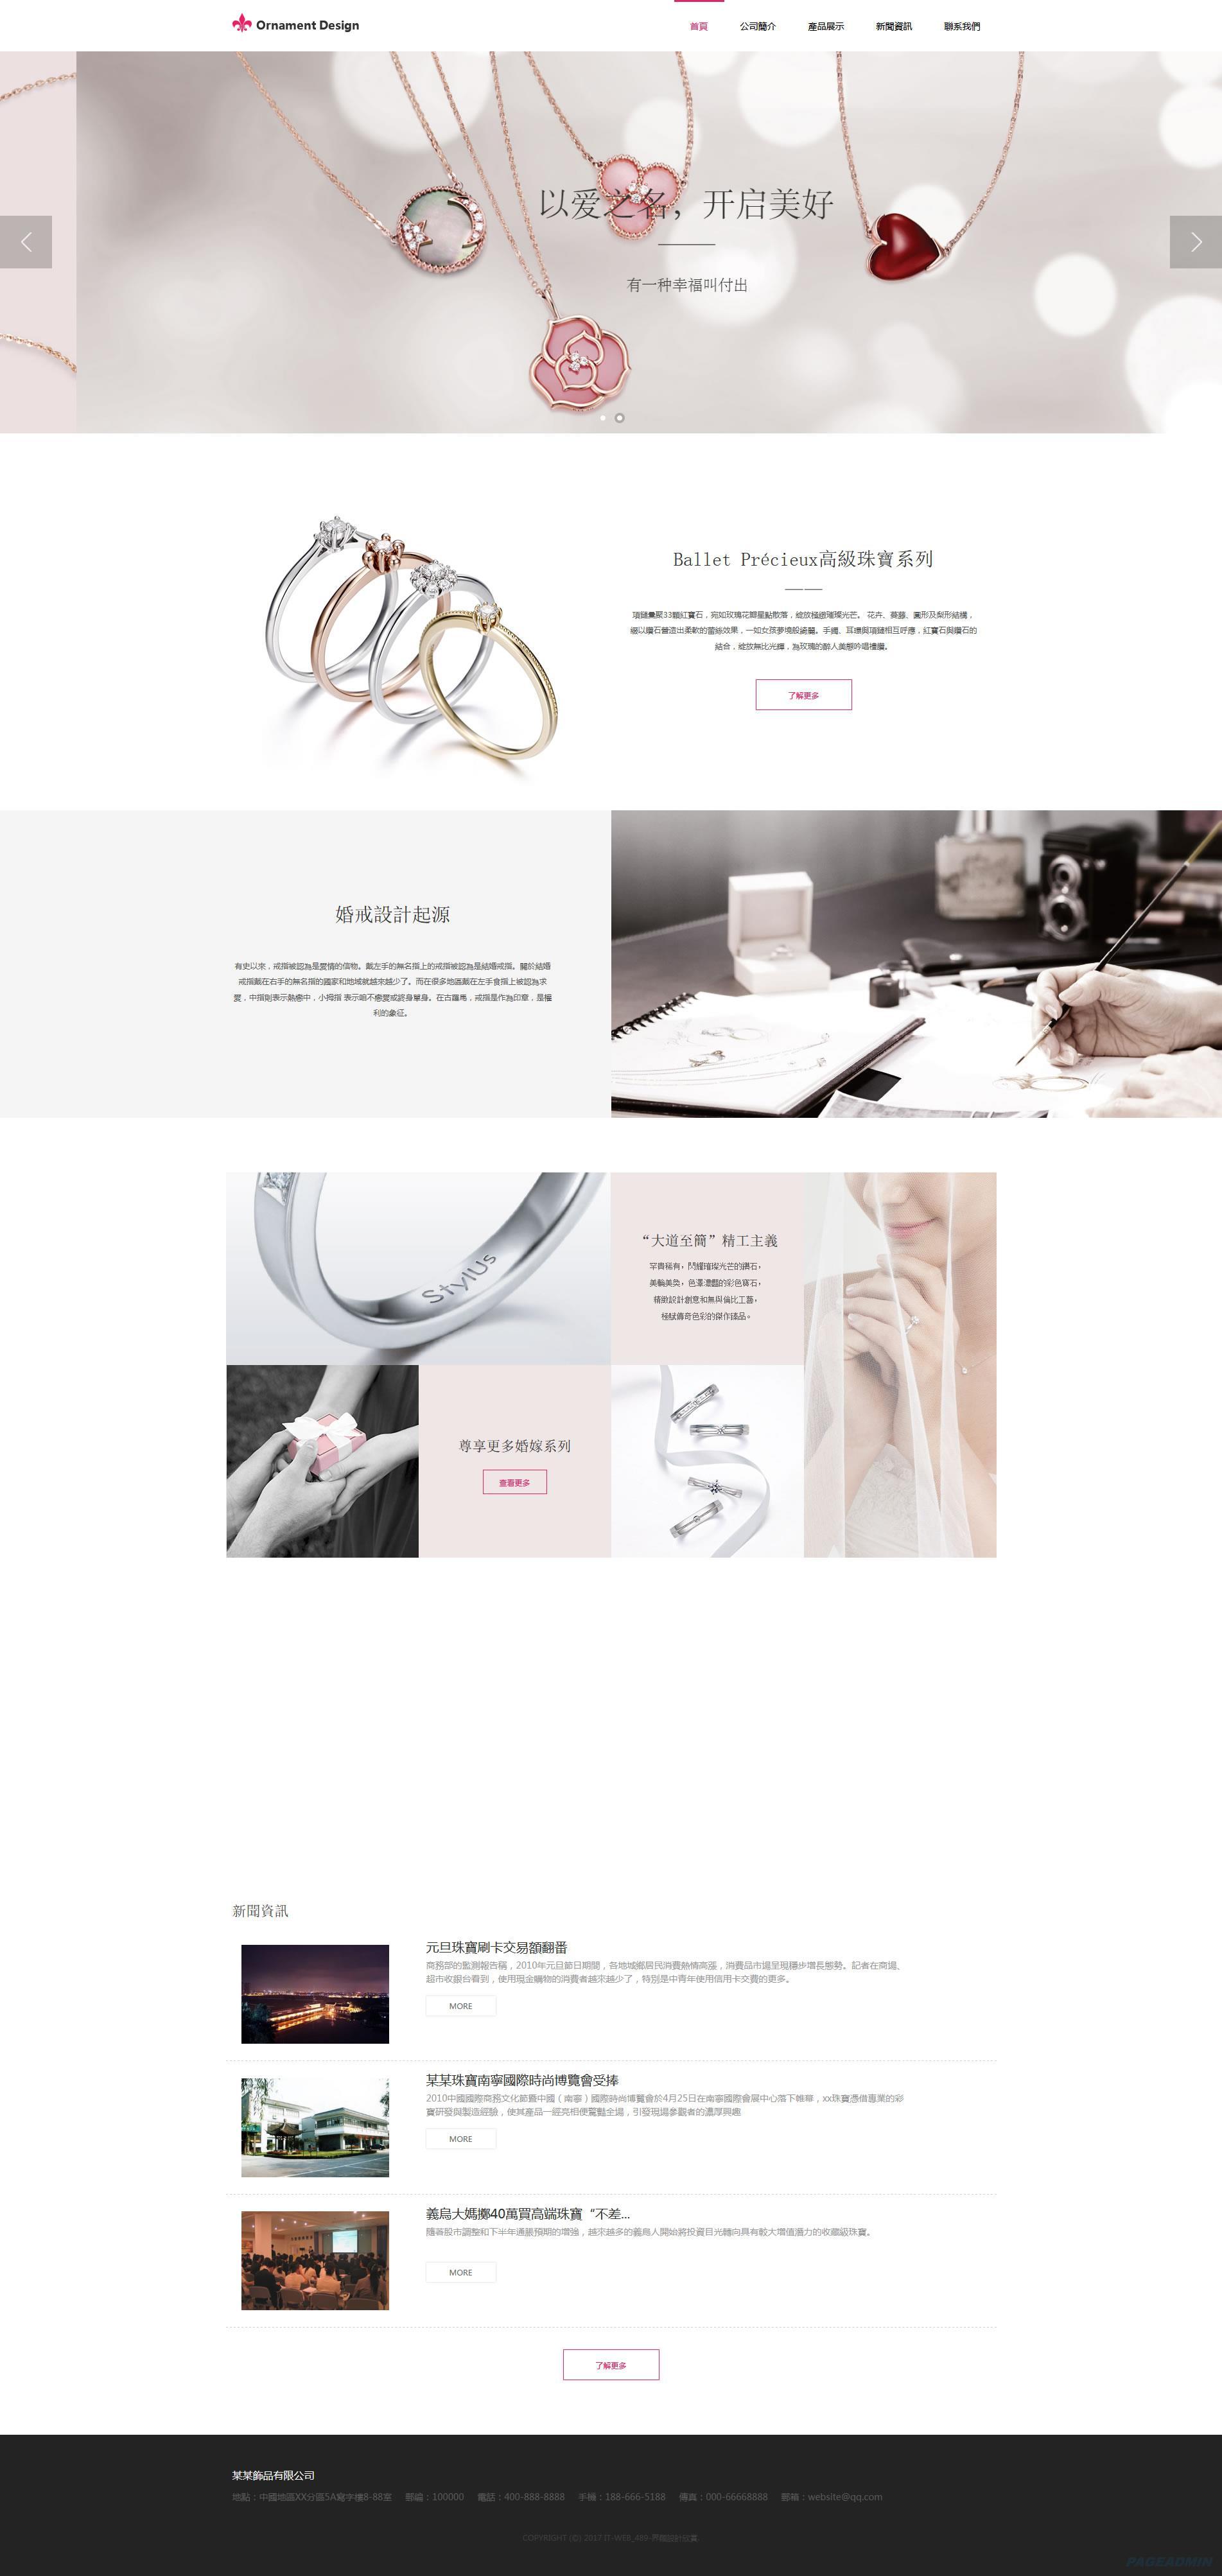 首饰公司网站模板